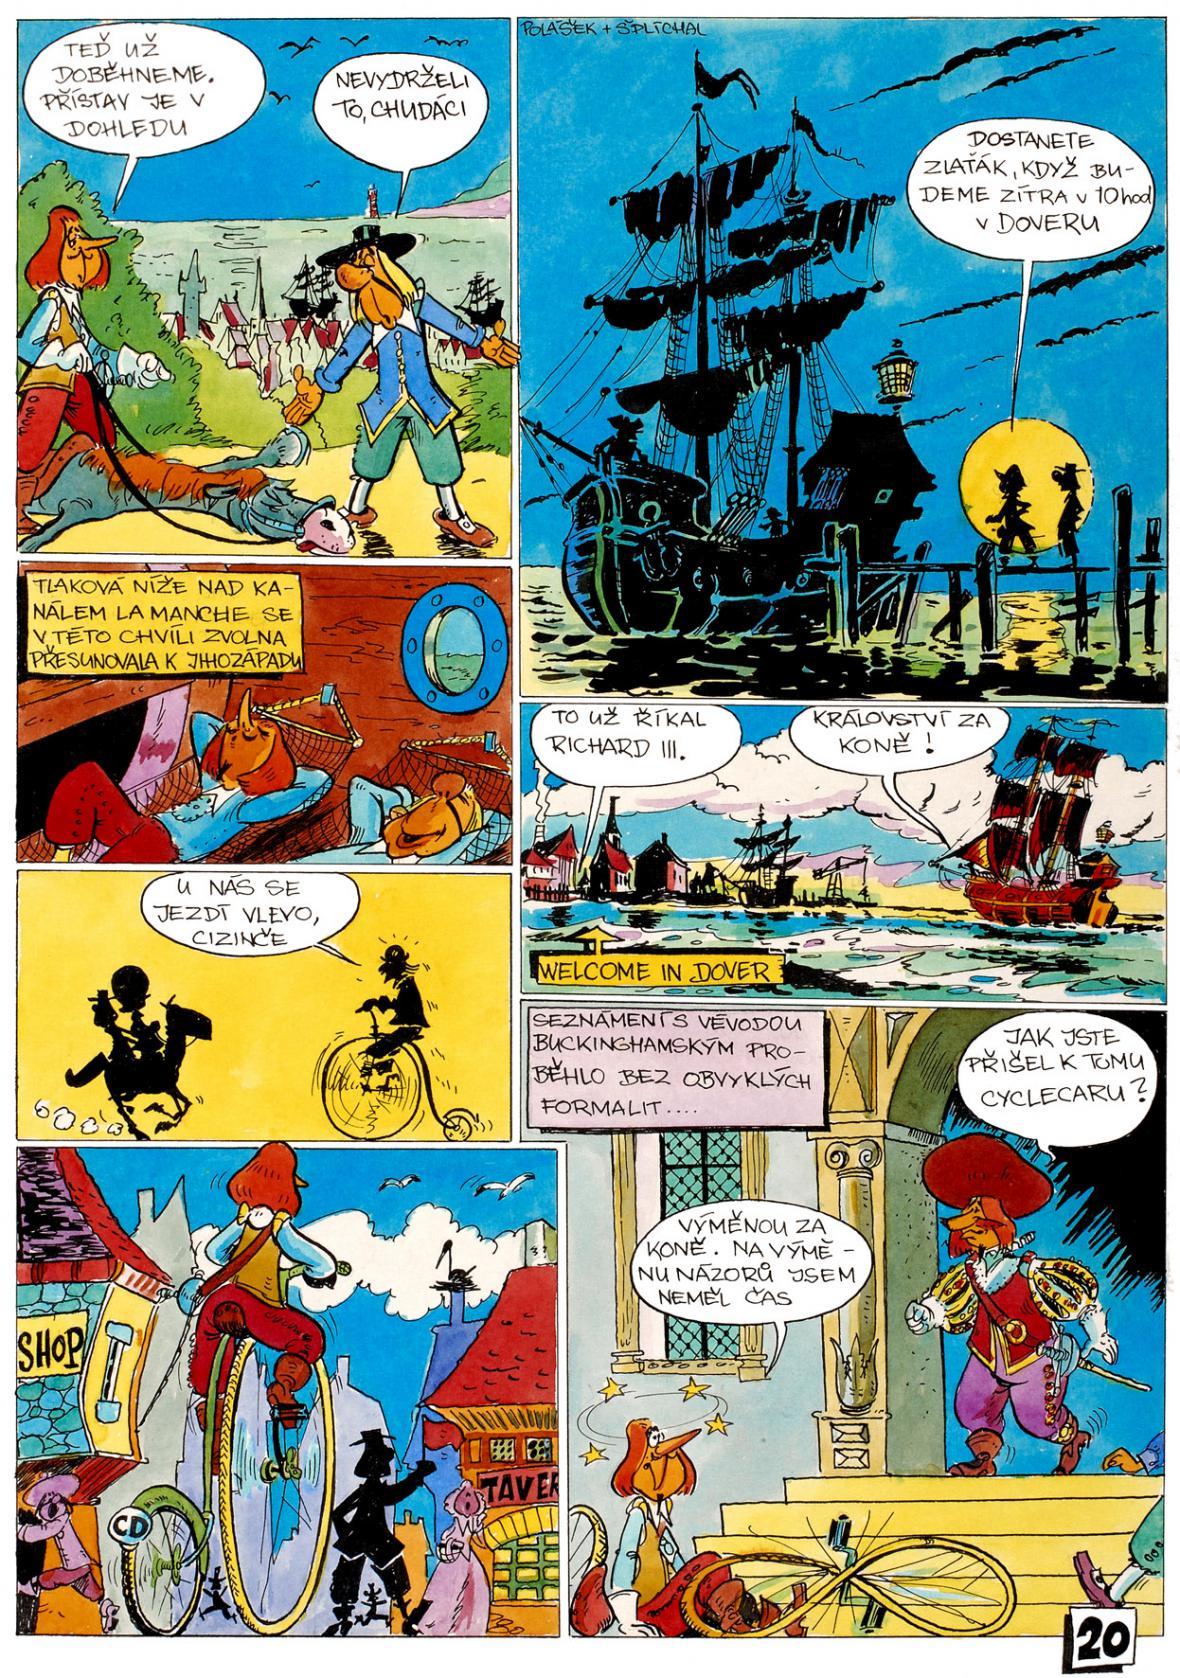 Komiks Tři mušketýři